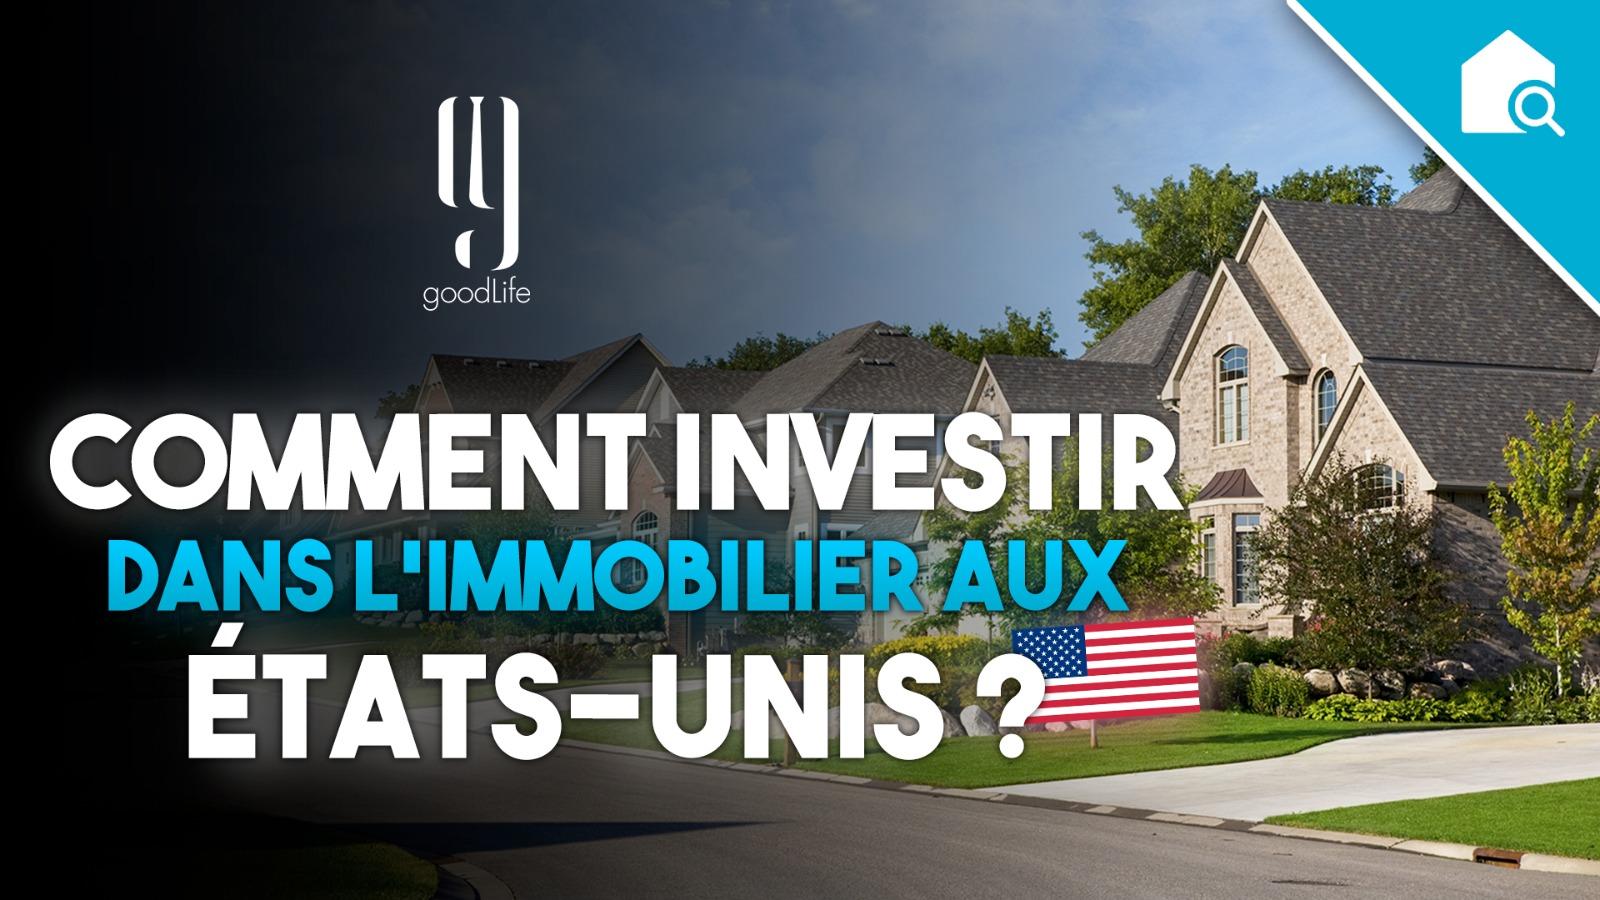 comment-investir-dans-immobilier-etats-unis